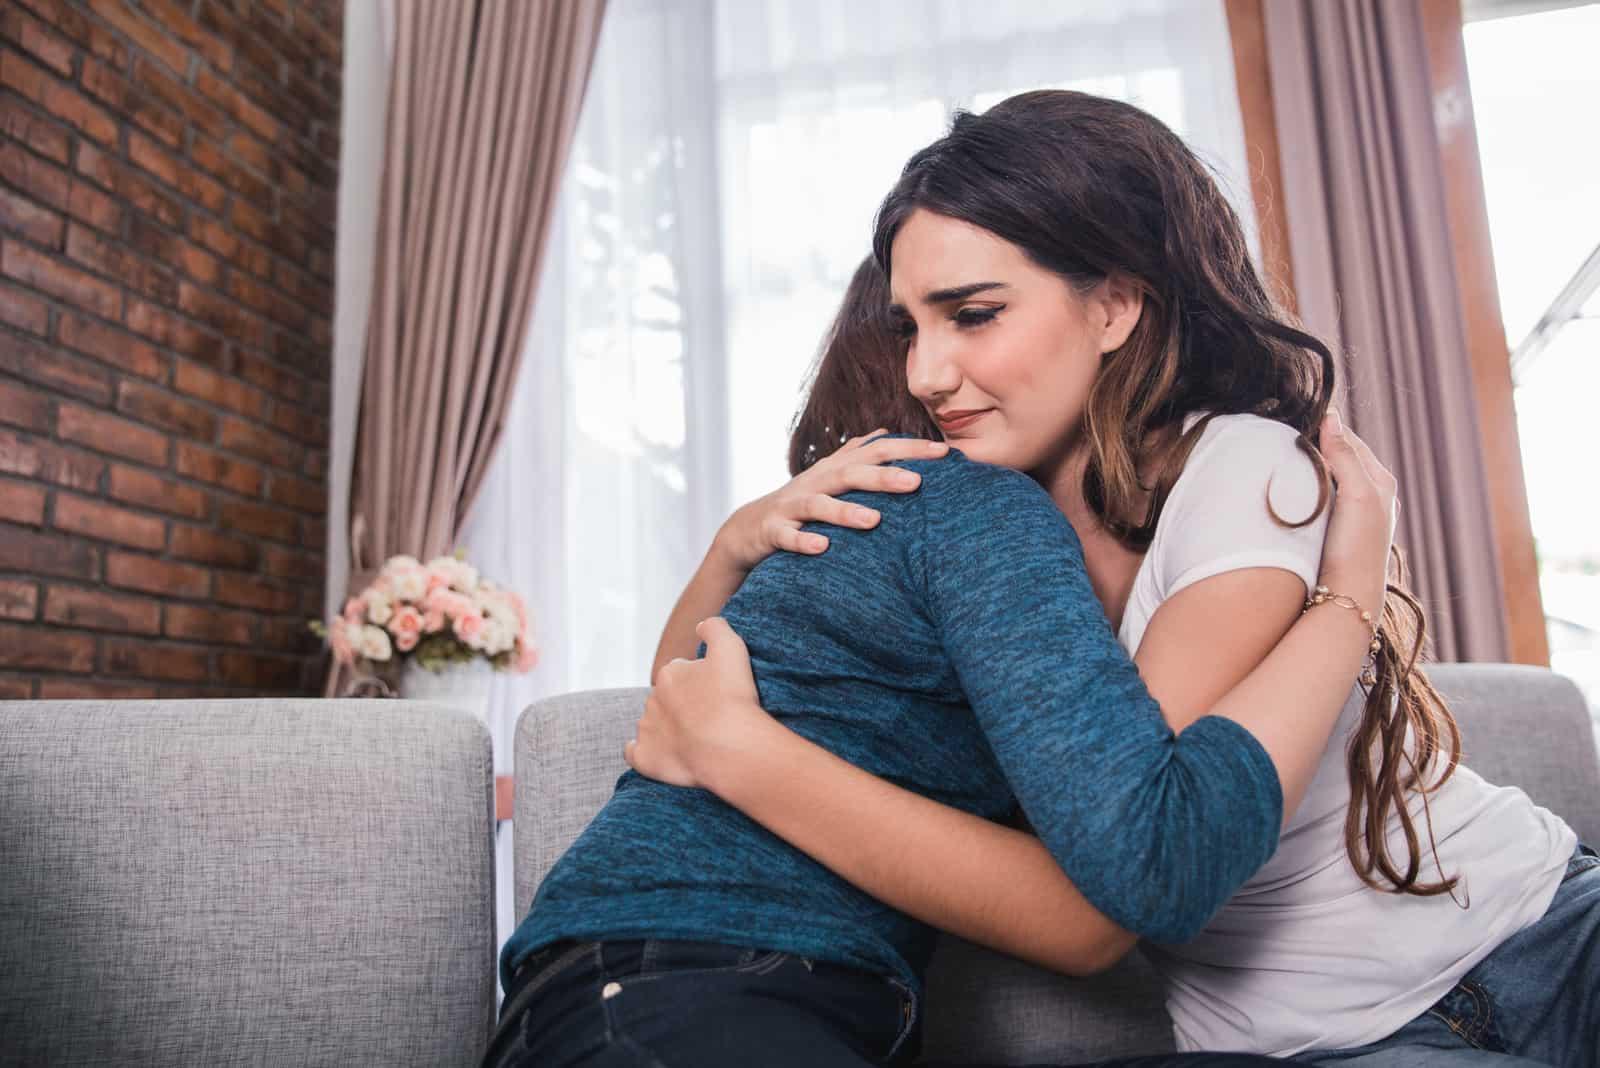 Freundin beruhigt ihre Freundin durch Umarmung und Umarmung